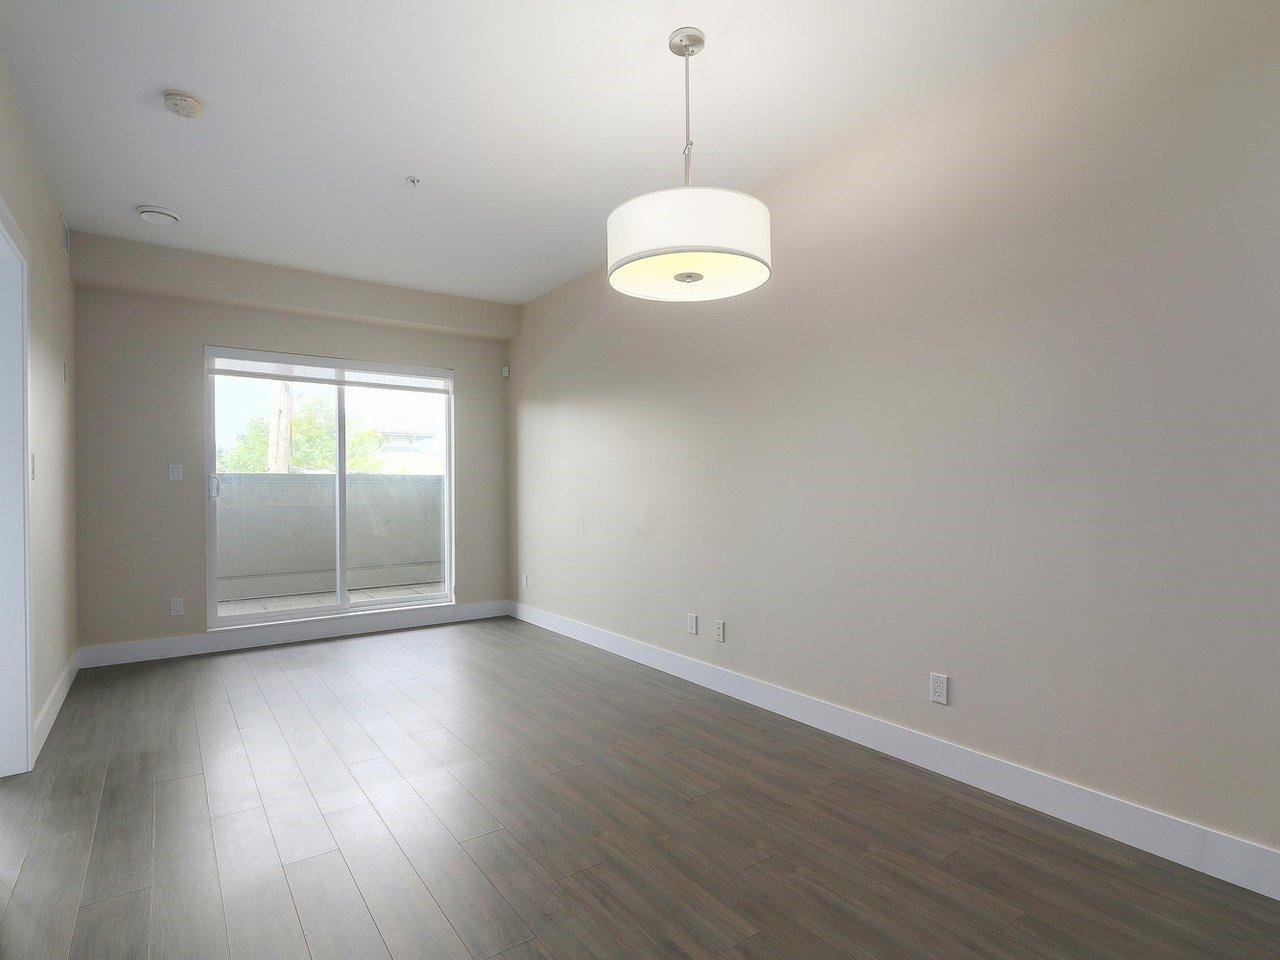 """Photo 3: Photos: 206 6011 NO. 1 Road in Richmond: Terra Nova Condo for sale in """"TERRA WEST"""" : MLS®# R2398538"""